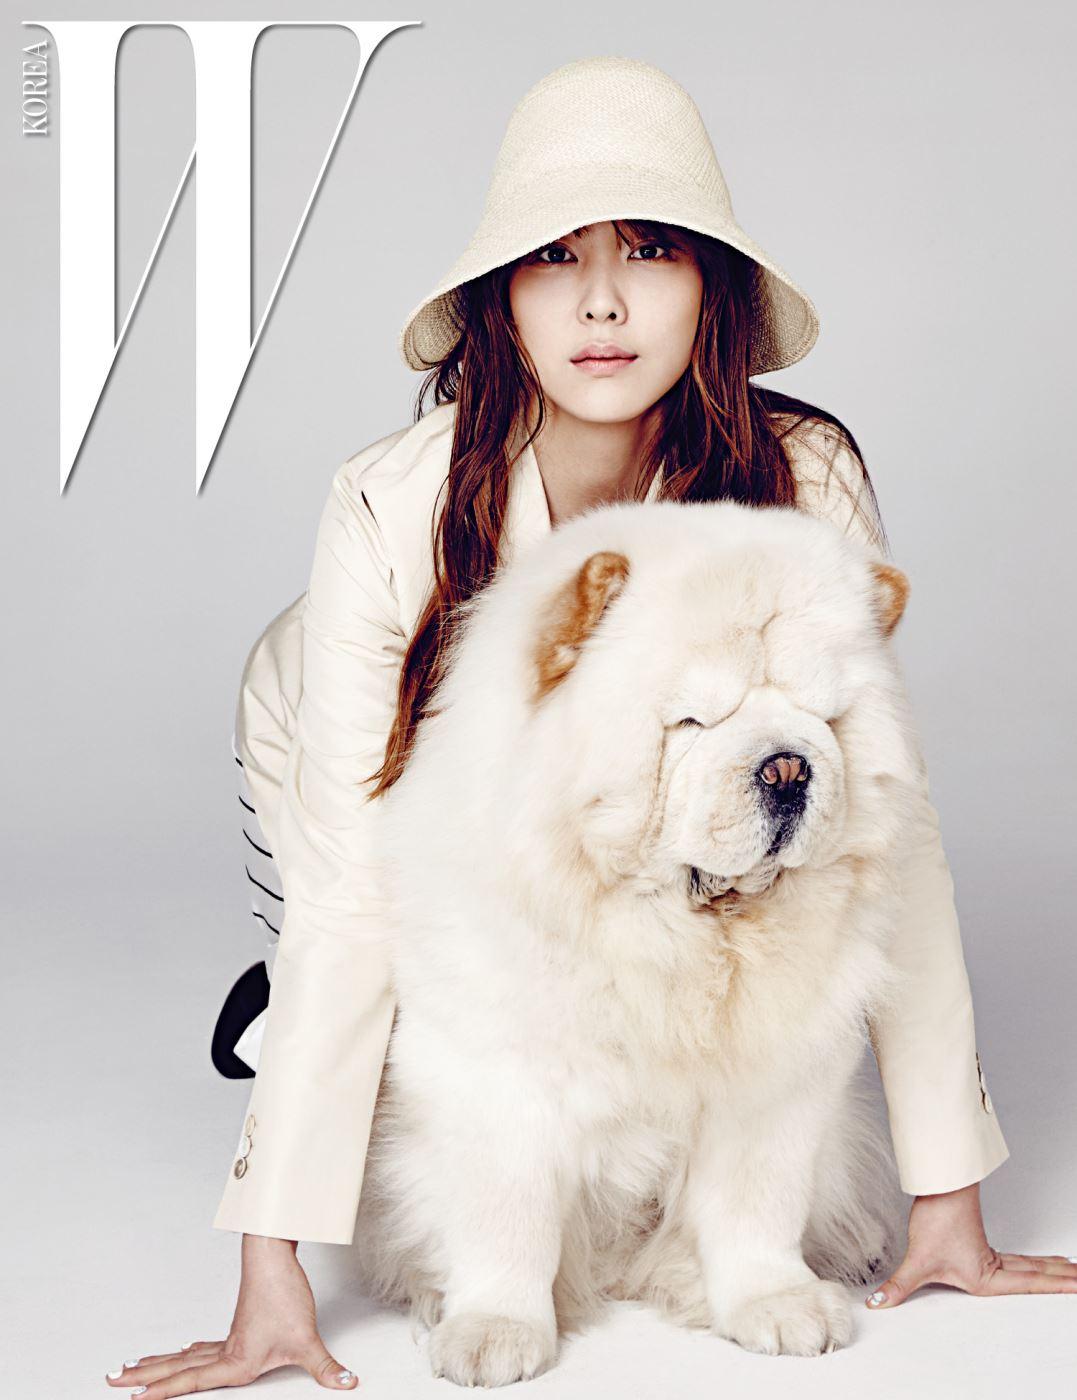 다나가 입은 베이지색 재킷과 줄무늬 스커트, 라피아 소재 모자는 모두 Jil Sander 제품.